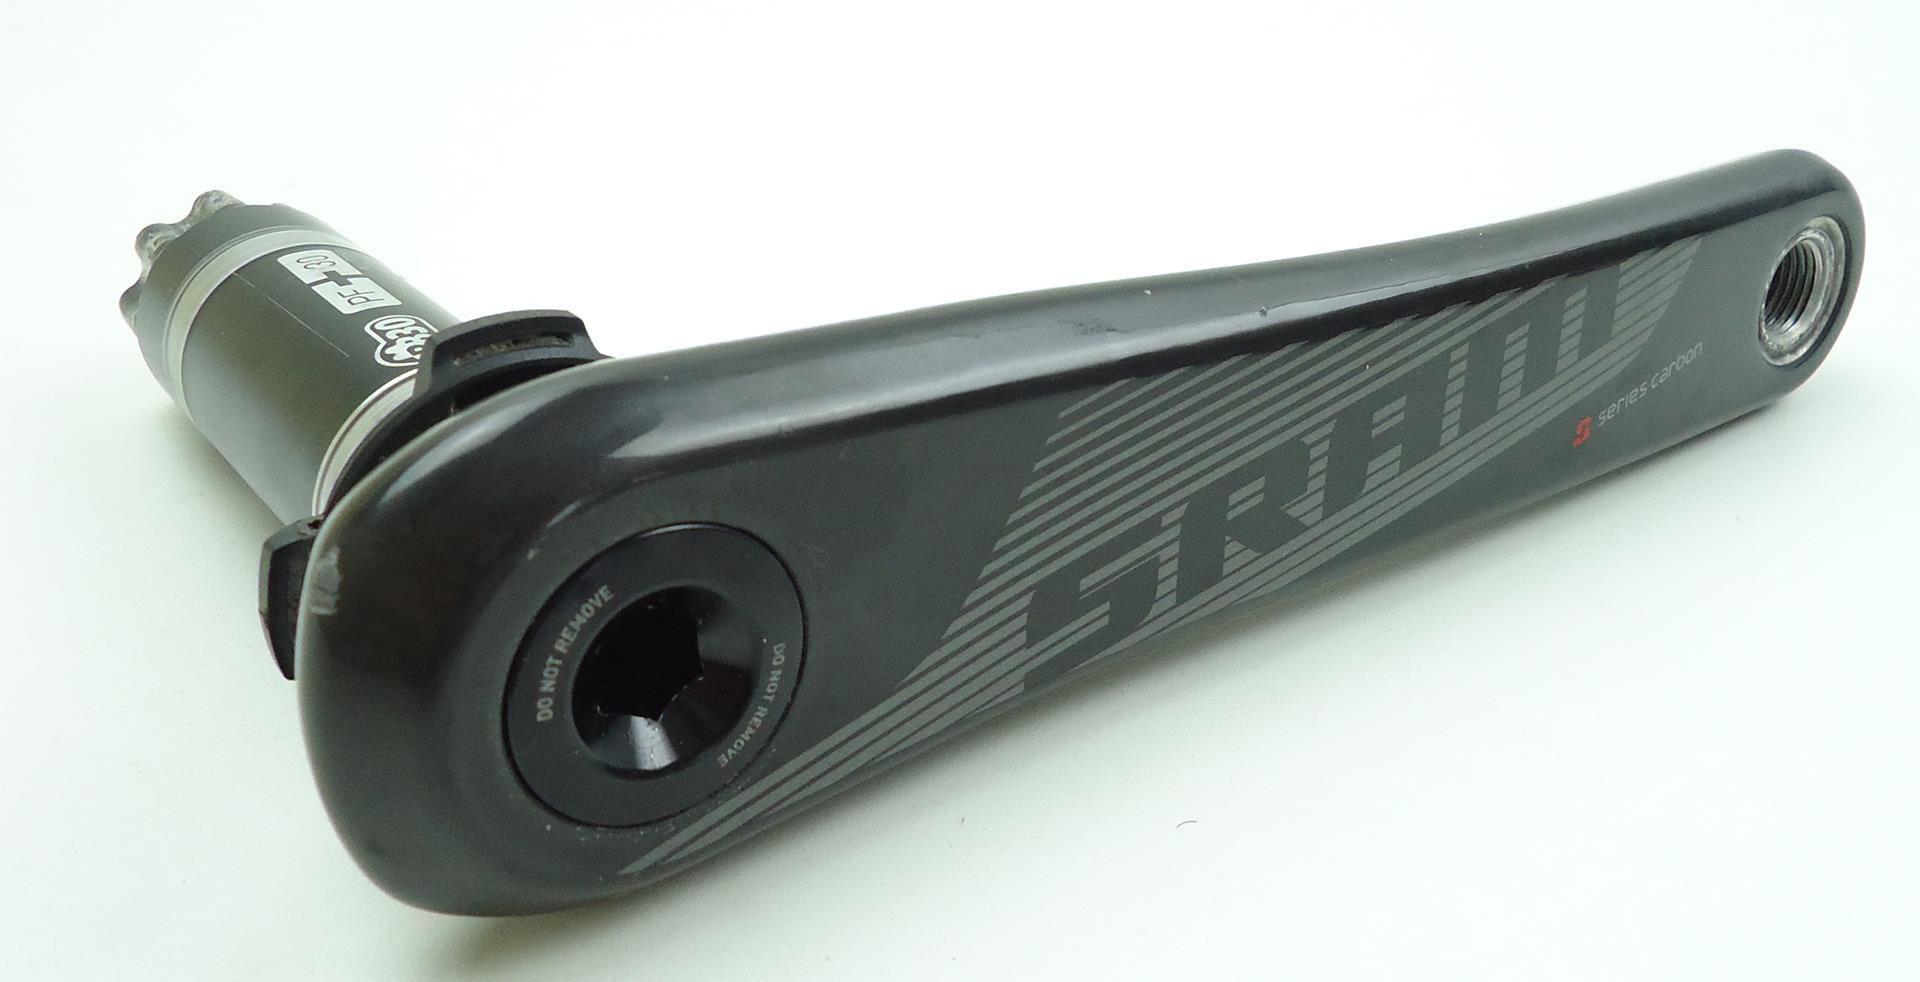 Pedivela Speed Sram S901 Carbono PF30/BB30 Coroas 53-39 dentes 10 velocidades 172,5mm - USADO